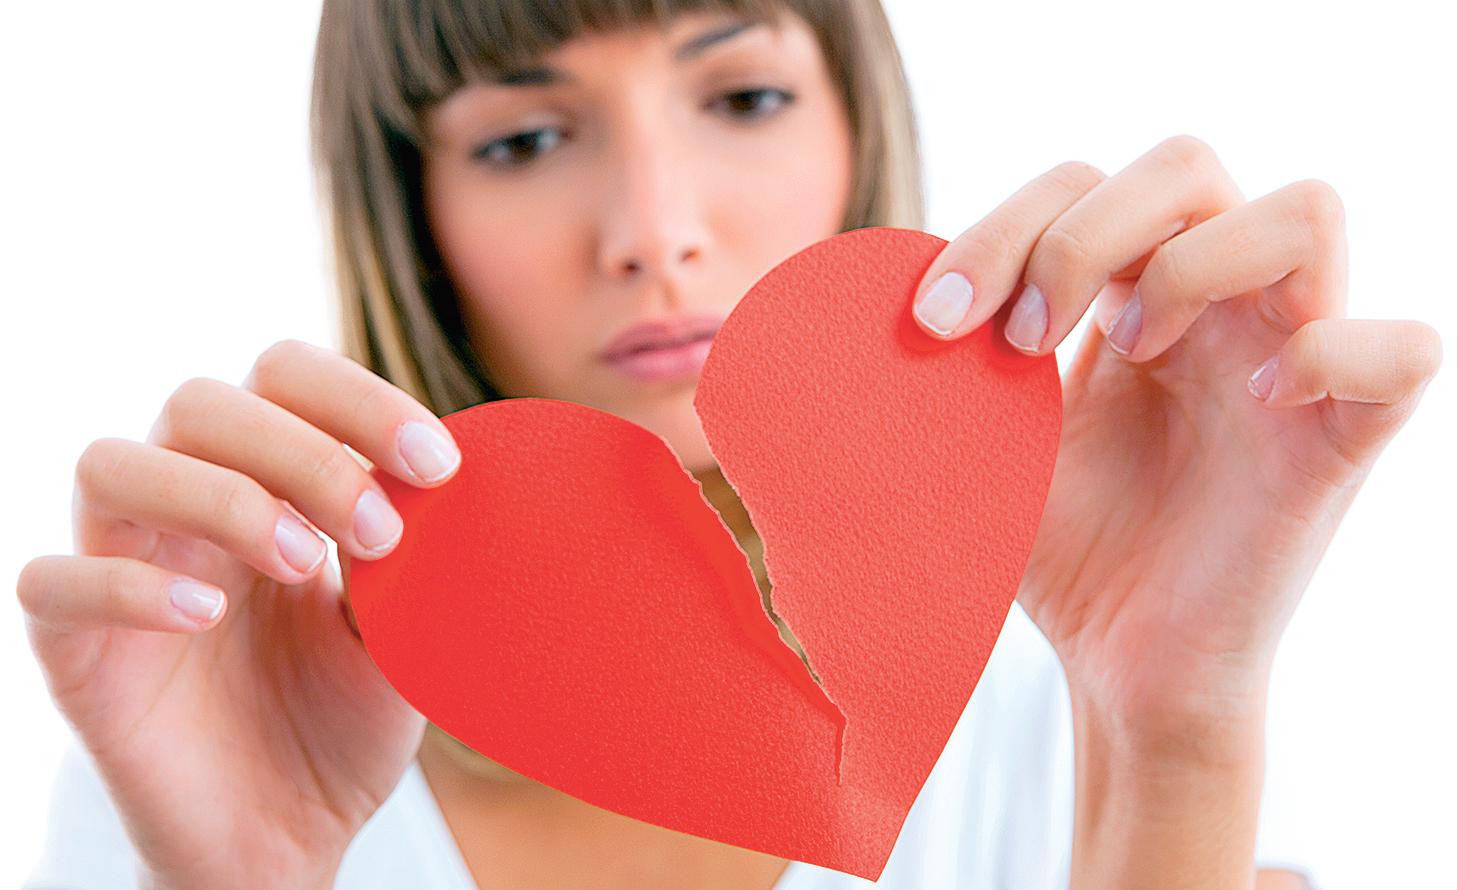 Cuidado com a mágoa: ela prejudica você mesma